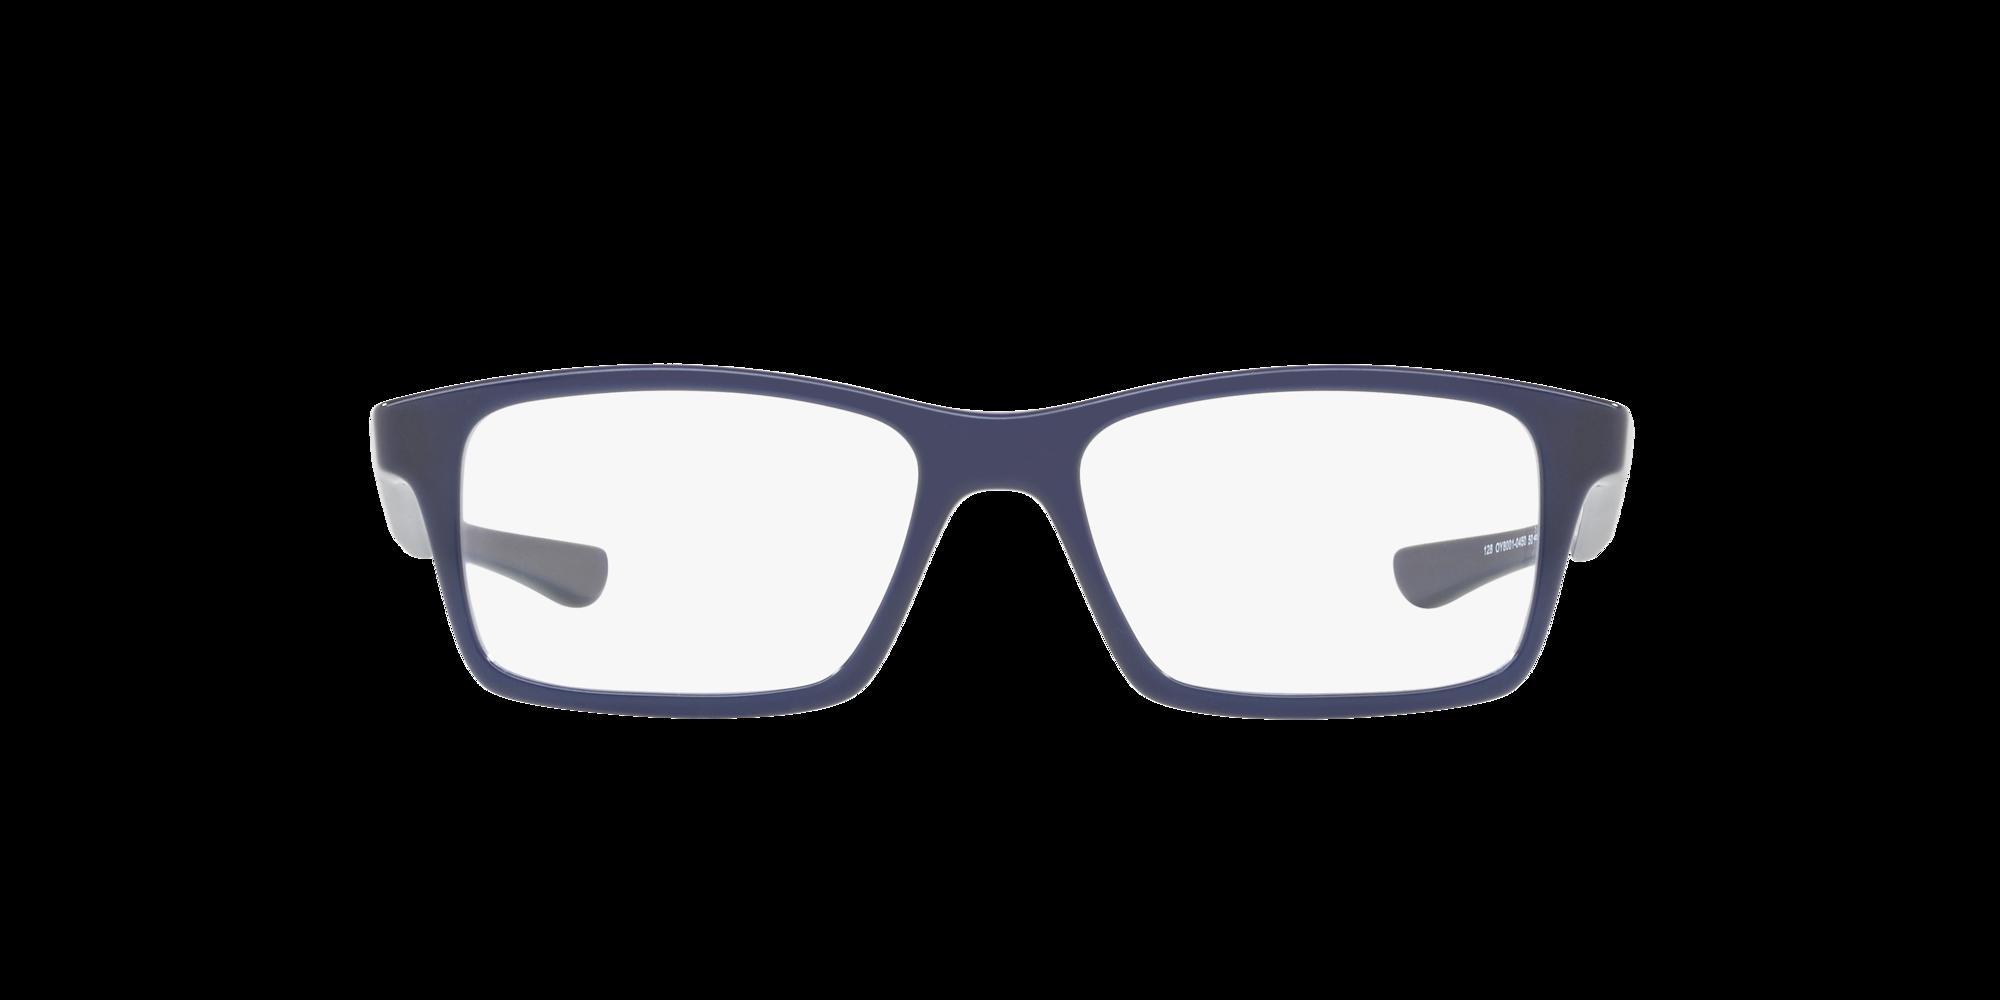 Imagen para OY8001 SHIFTER XS de LensCrafters |  Espejuelos, espejuelos graduados en línea, gafas